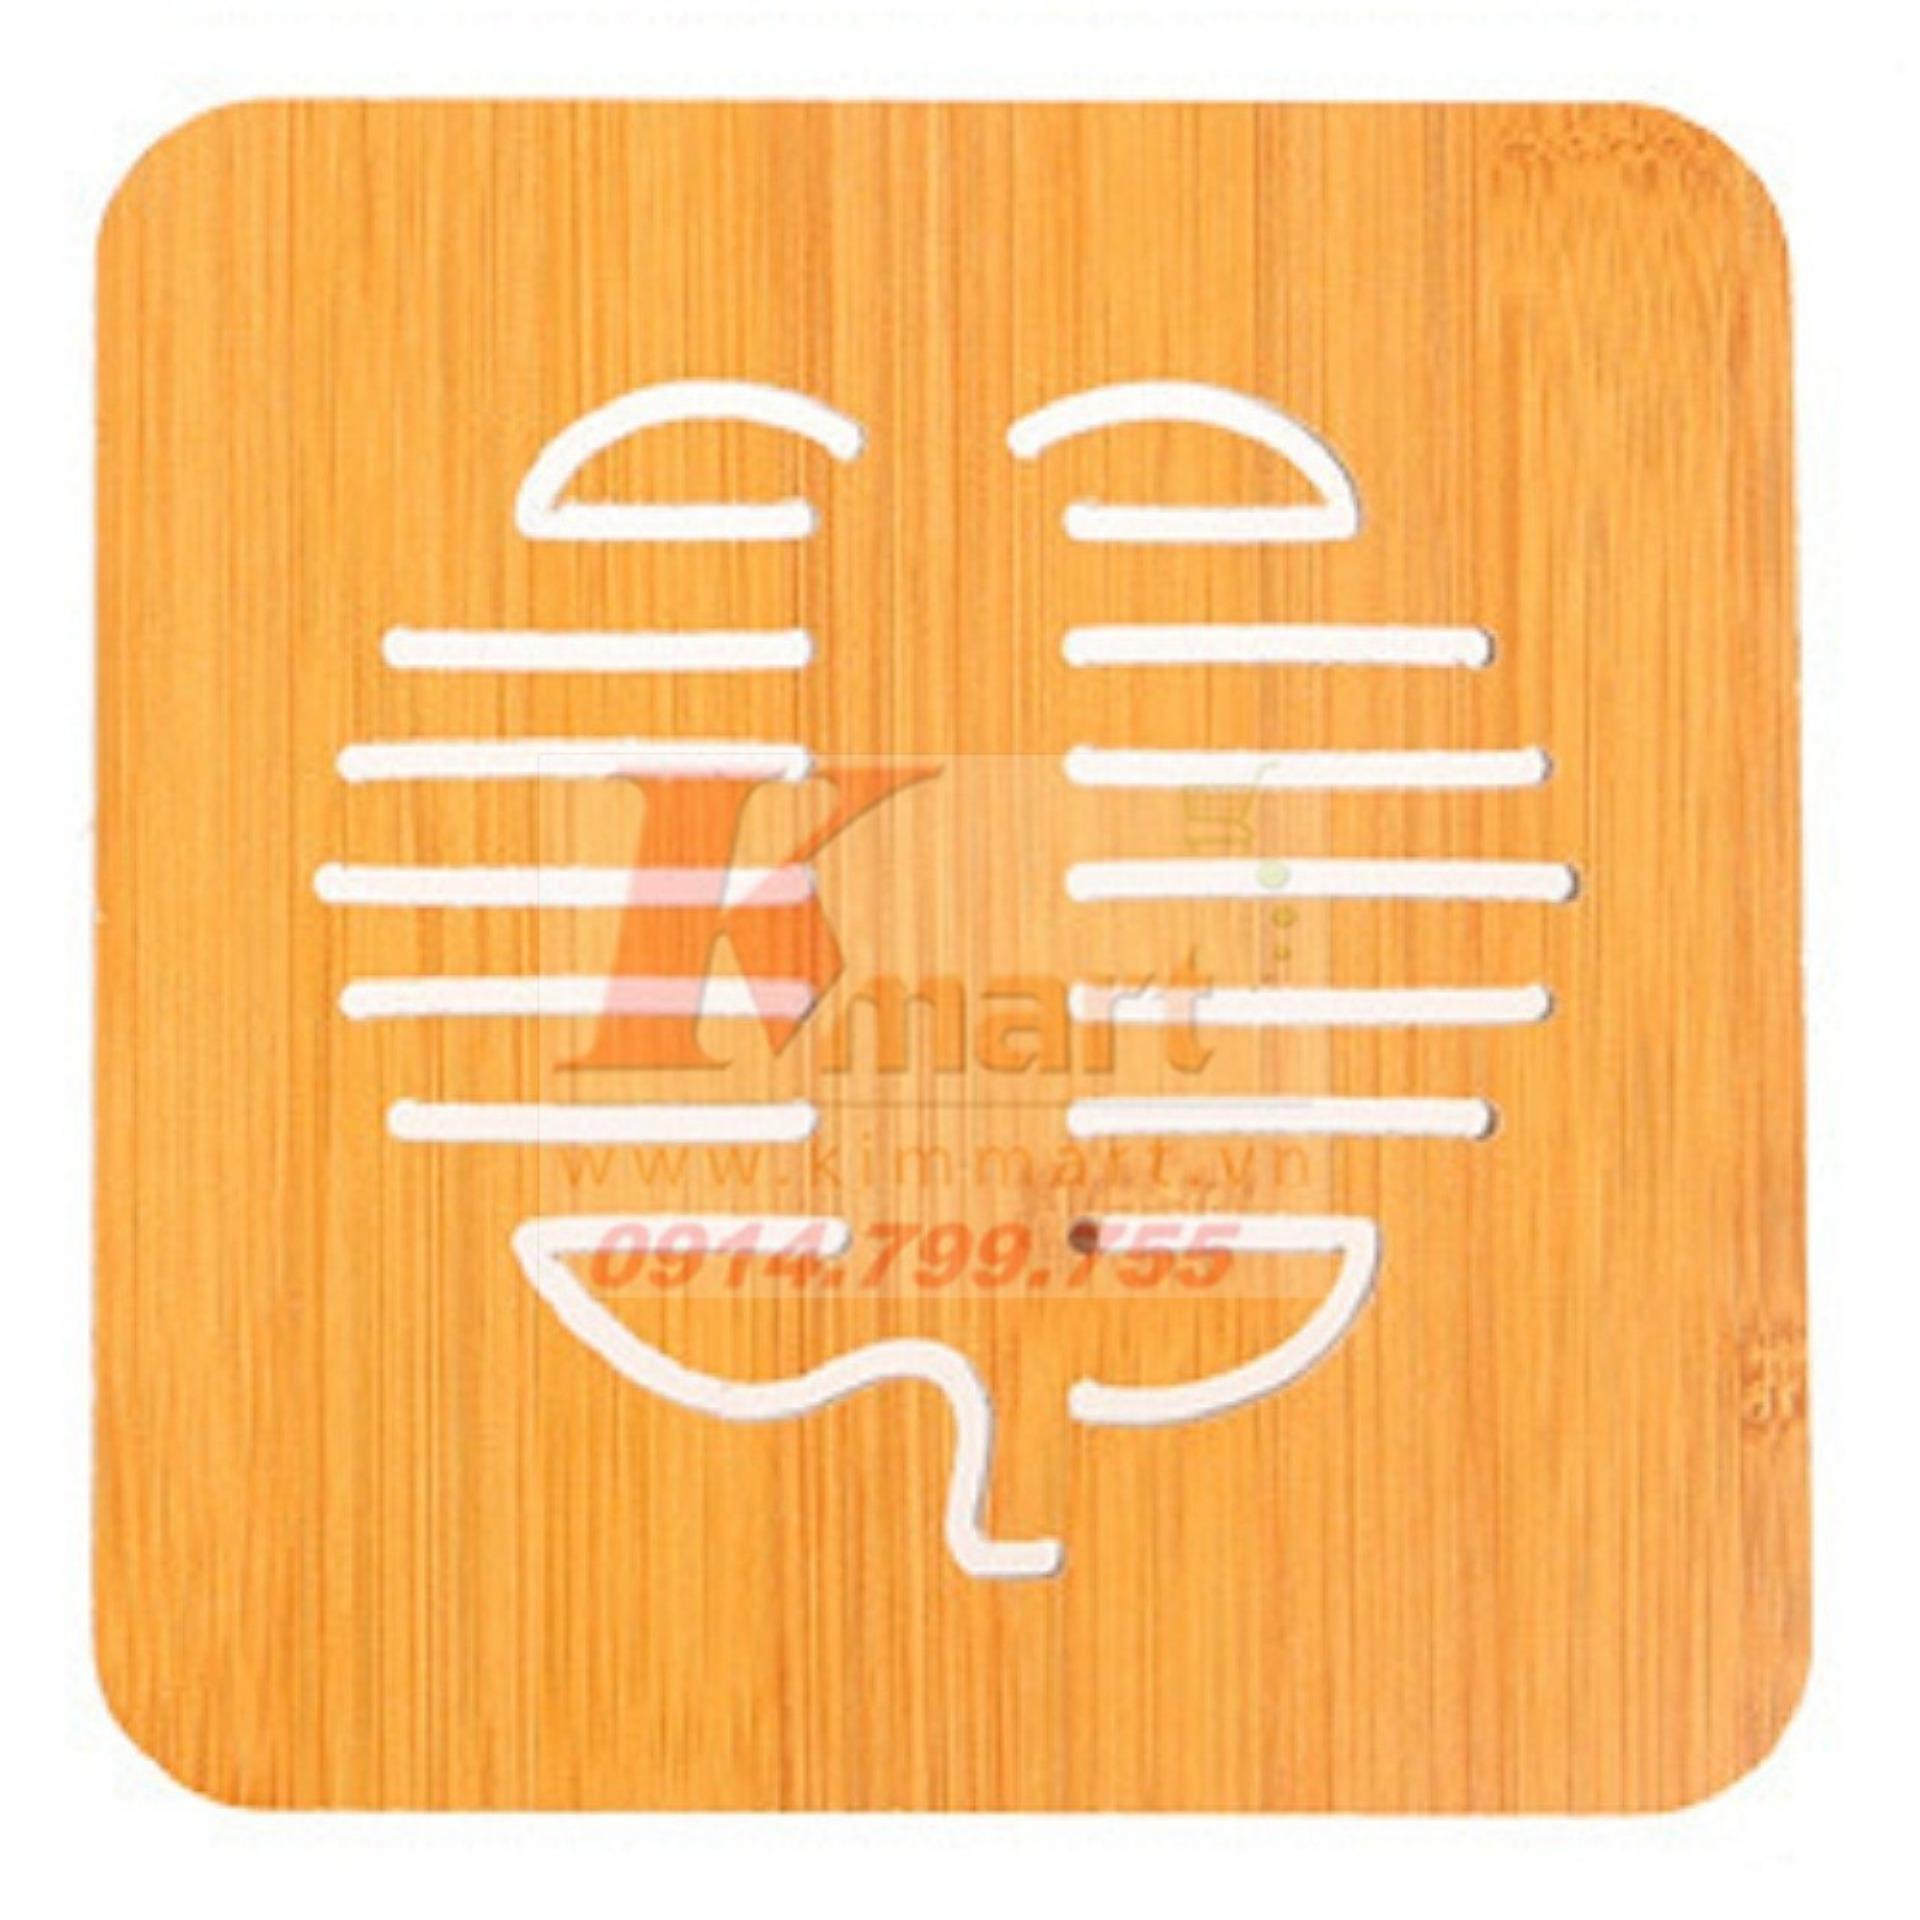 BỘ 8 Tấm đế tre lót cách nhiệt cho xoong, nồi, bát đĩa hoa văn hình quả (cỡ to)